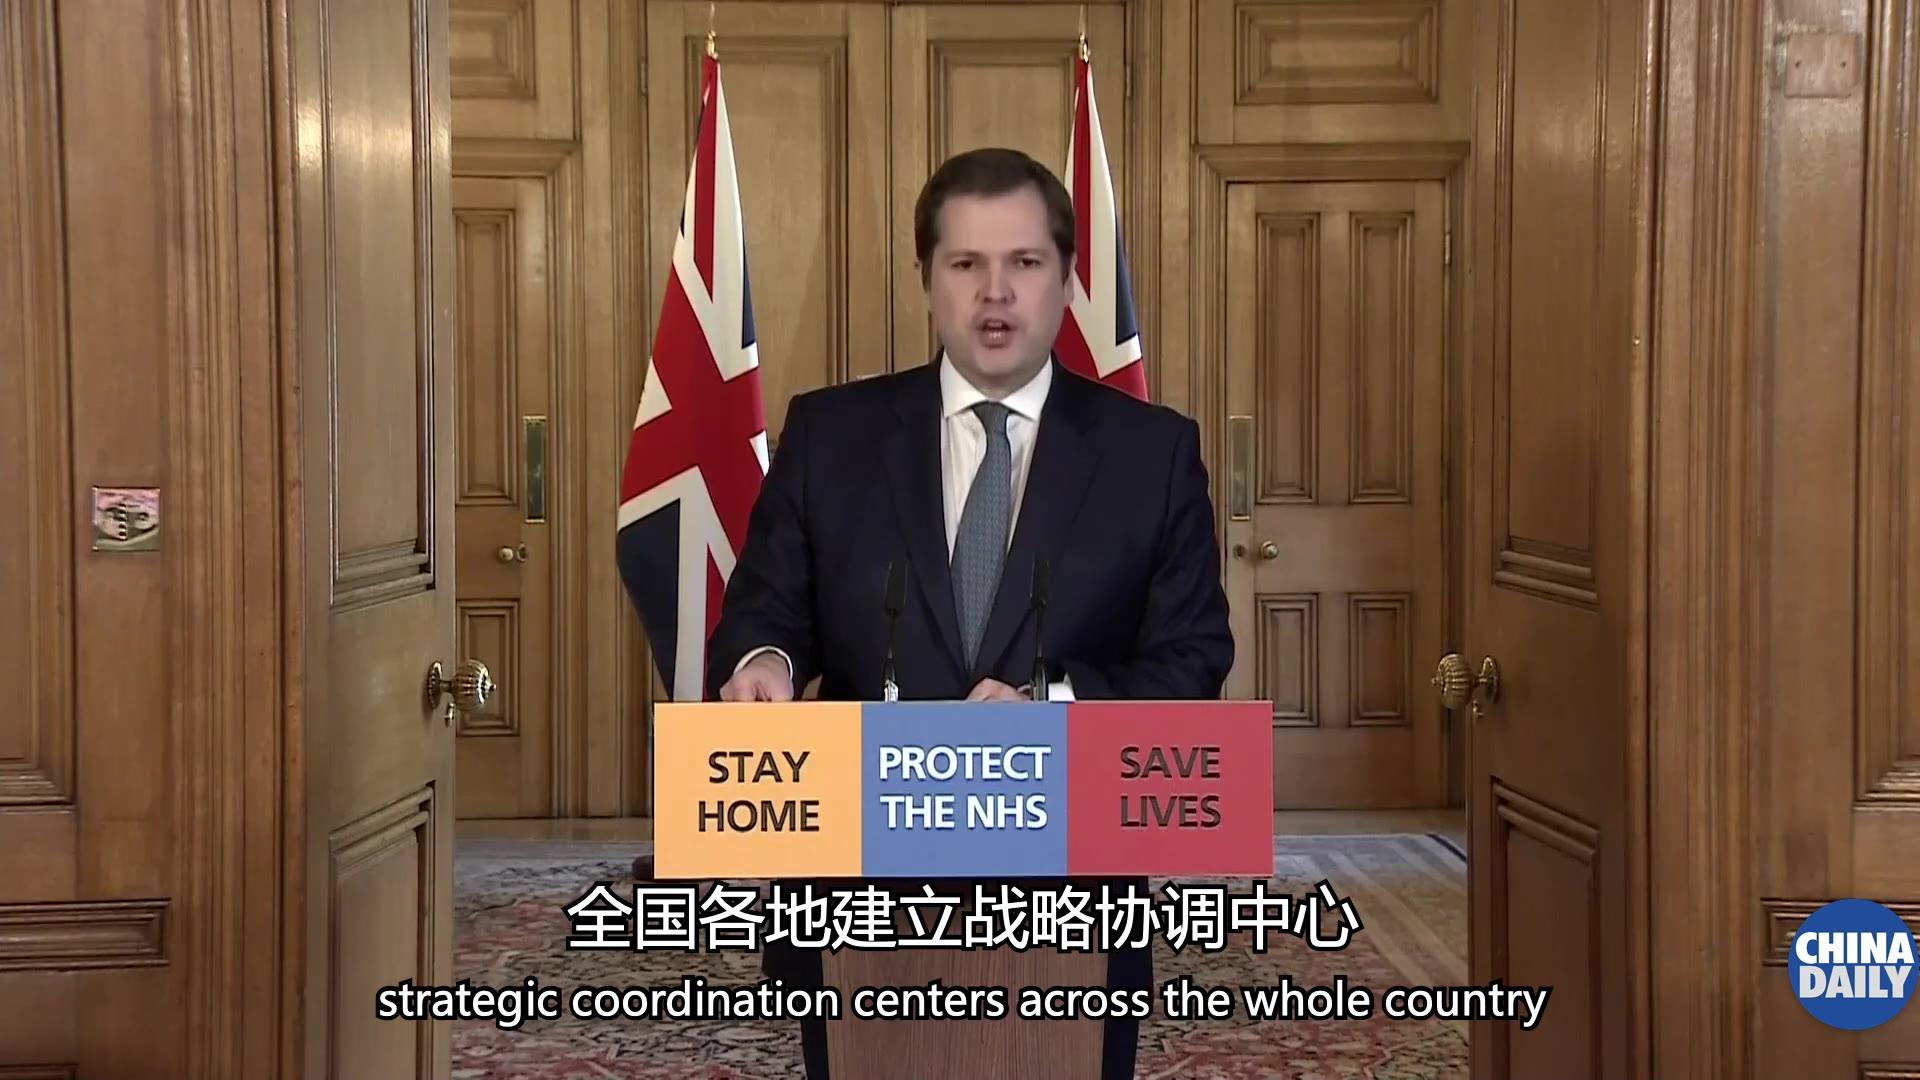 英国将设立抗击疫情战略协调中心